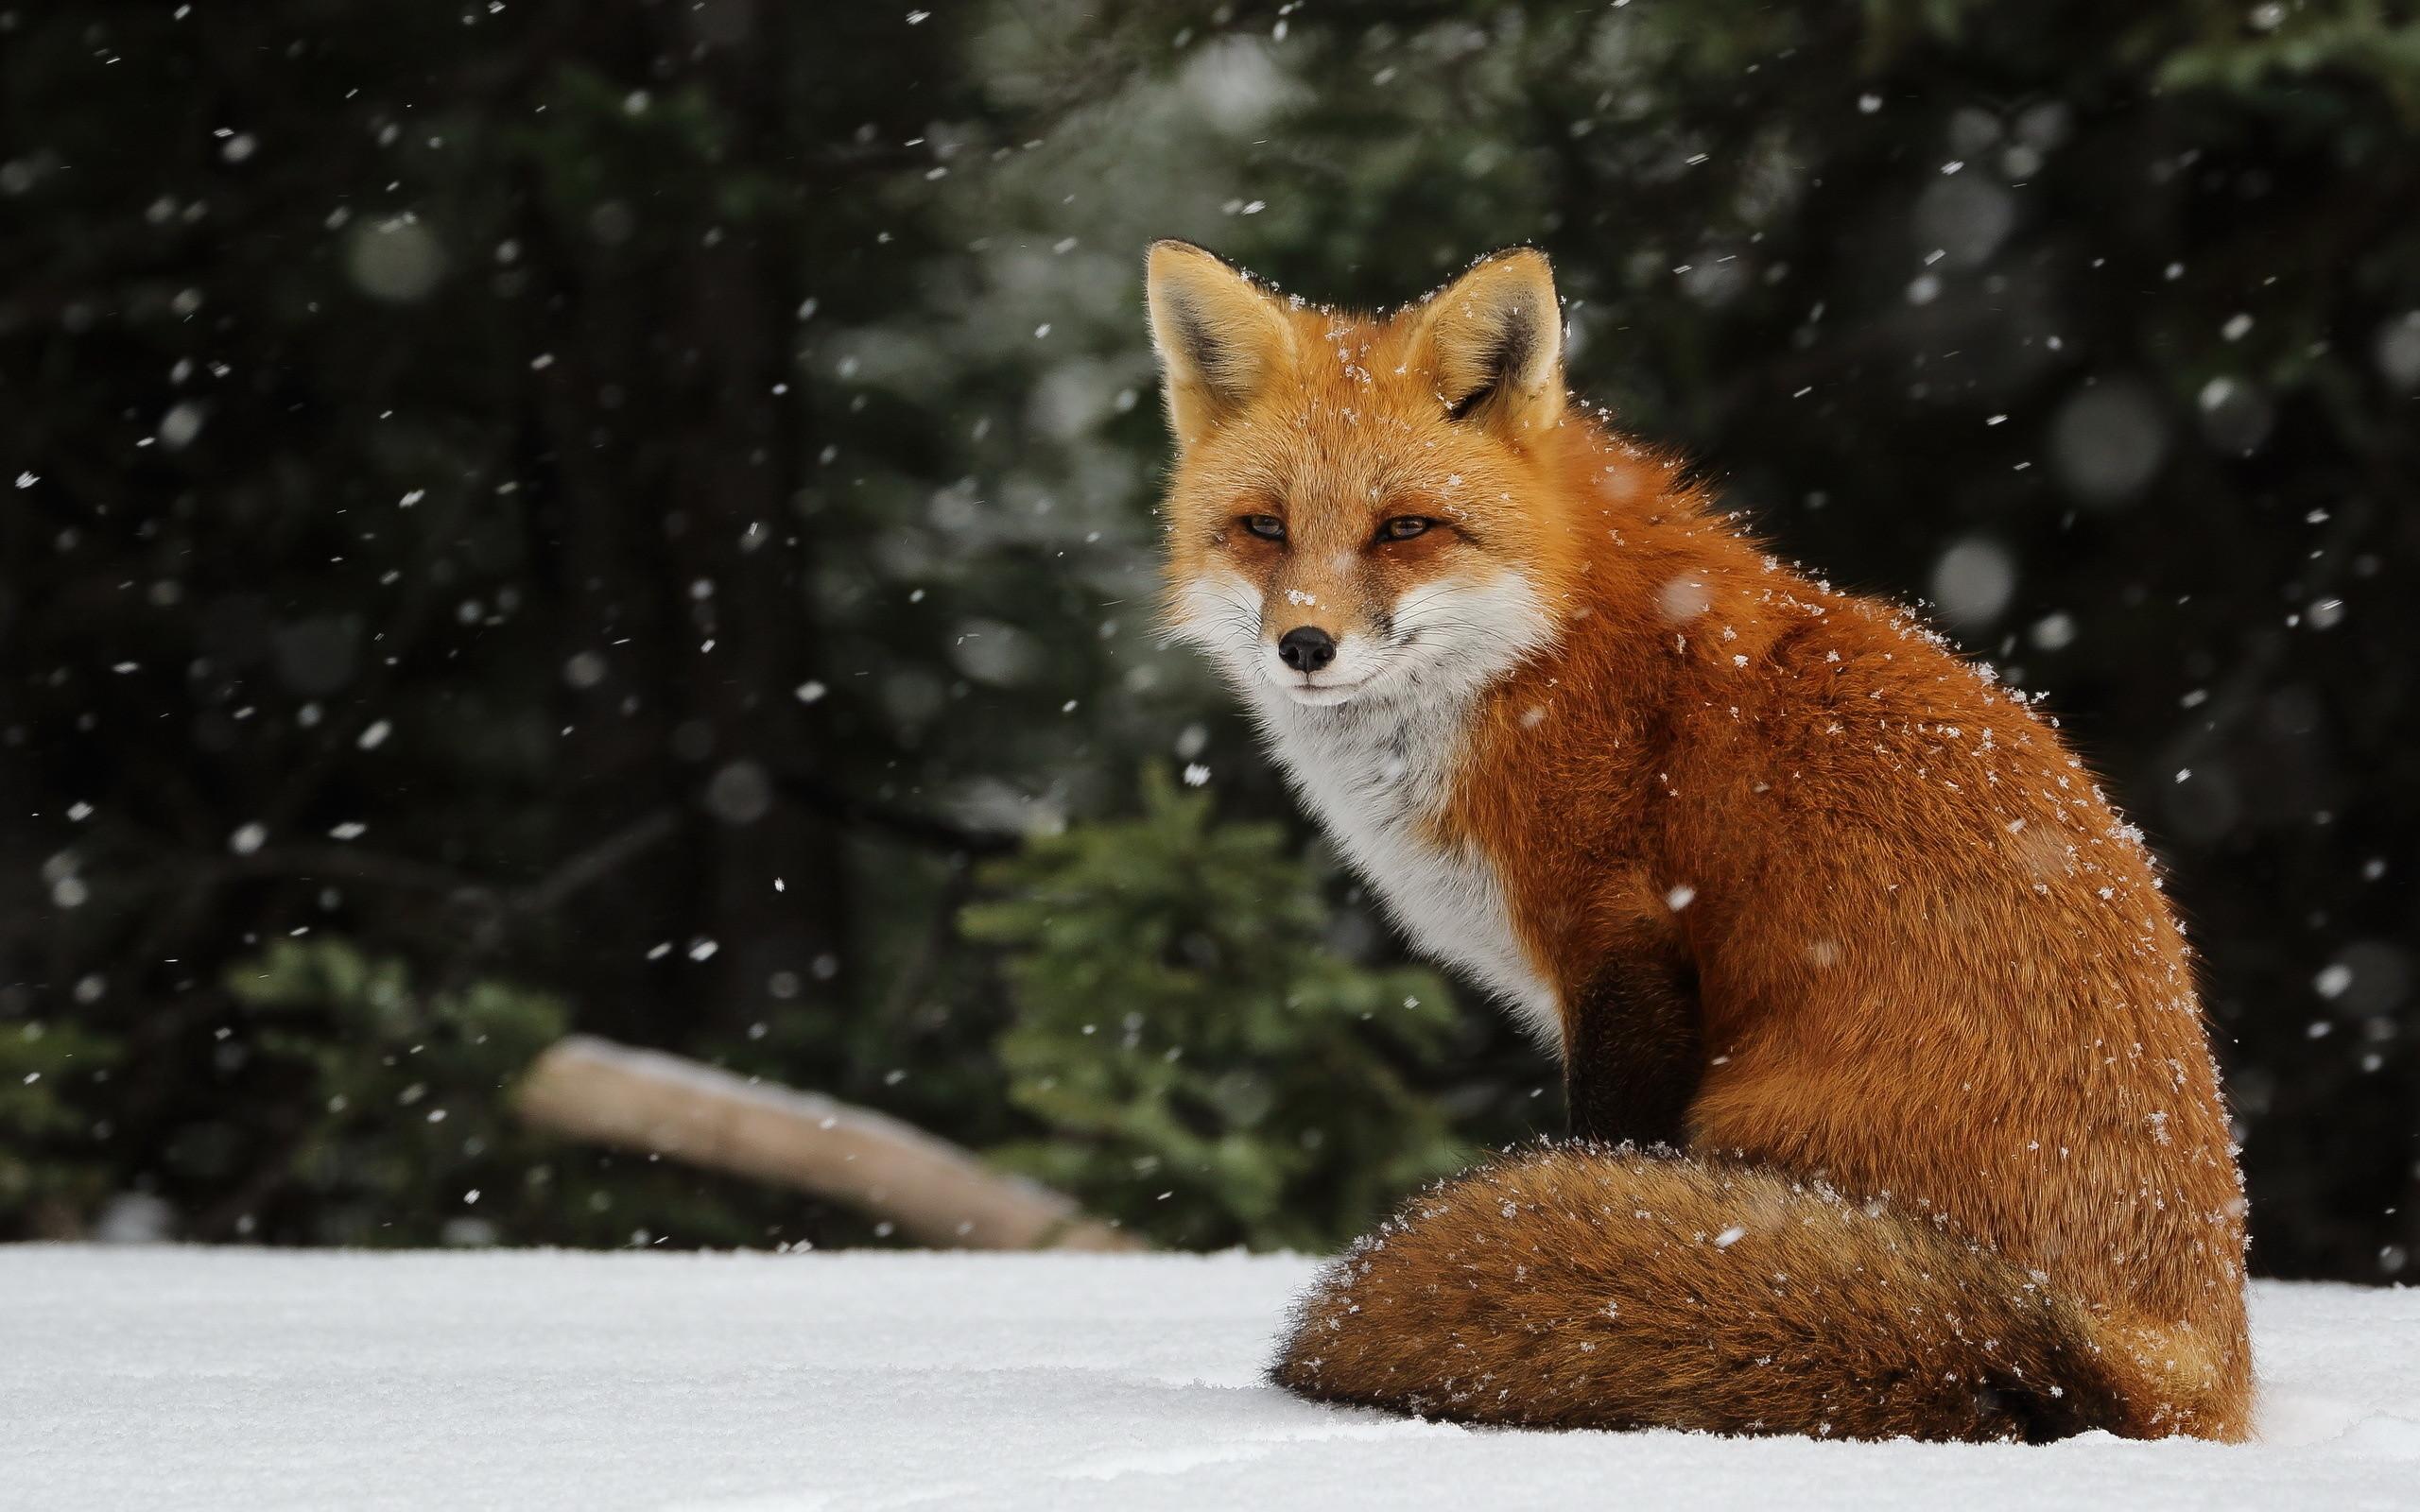 Fox Wallpapers For Desktop